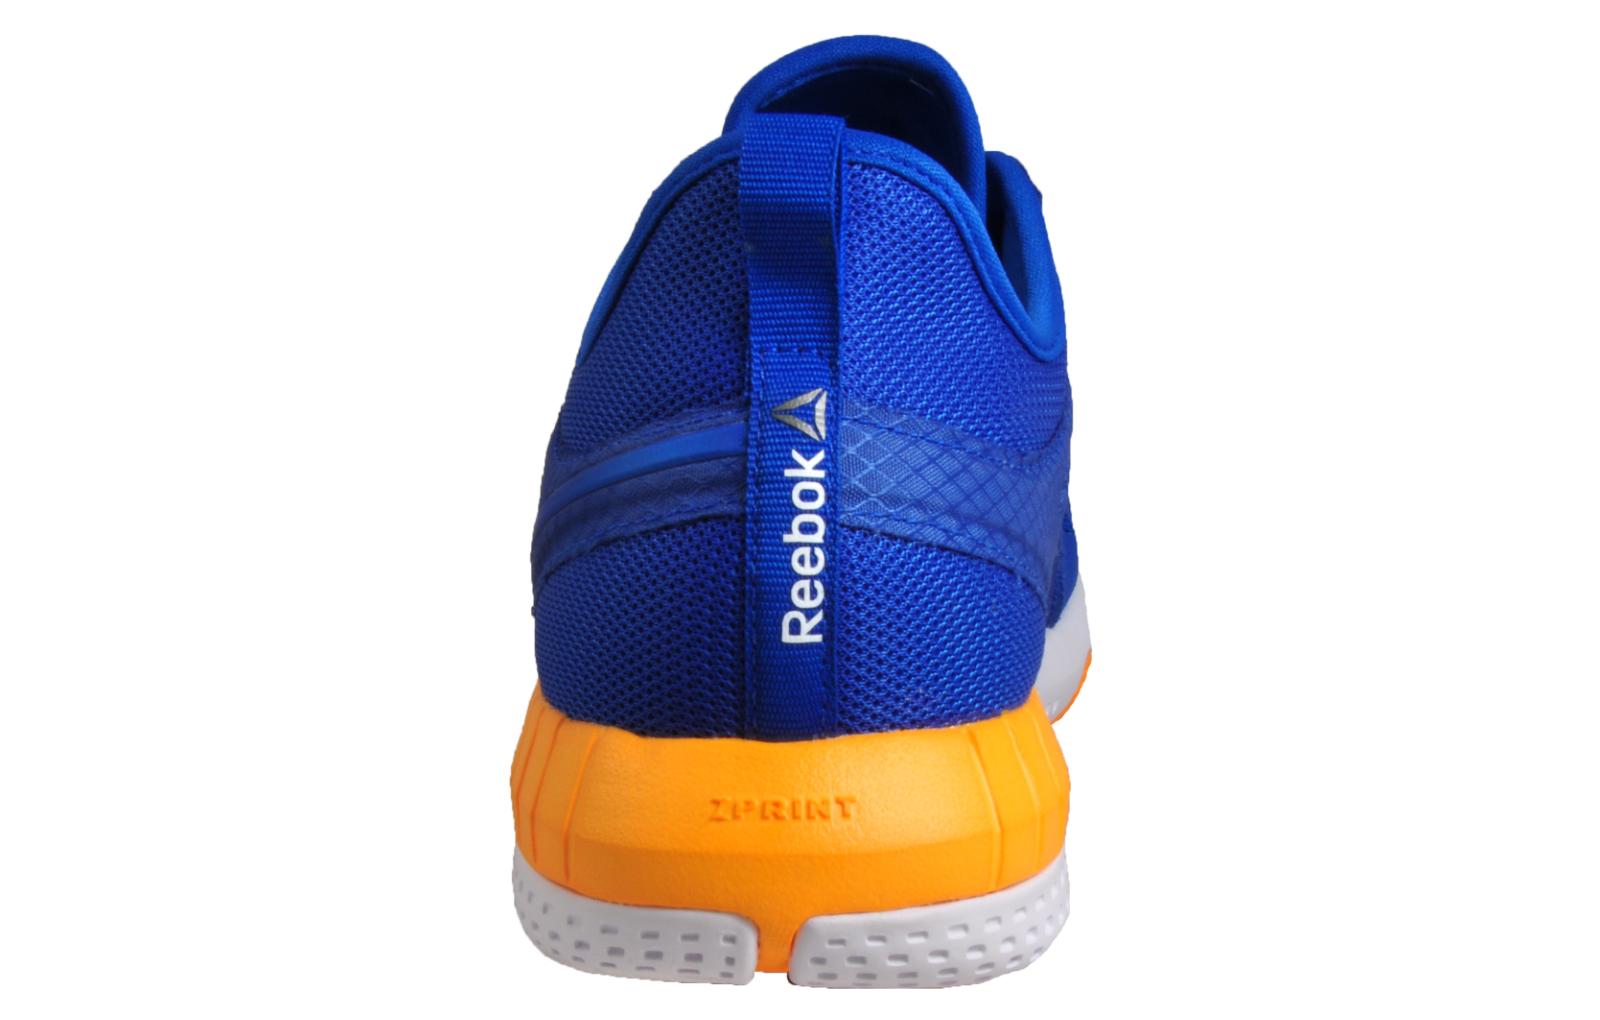 e3dee609f7a8df Reebok Zprint 3D Mens Running Shoes Gym Fitness Trainers Blue